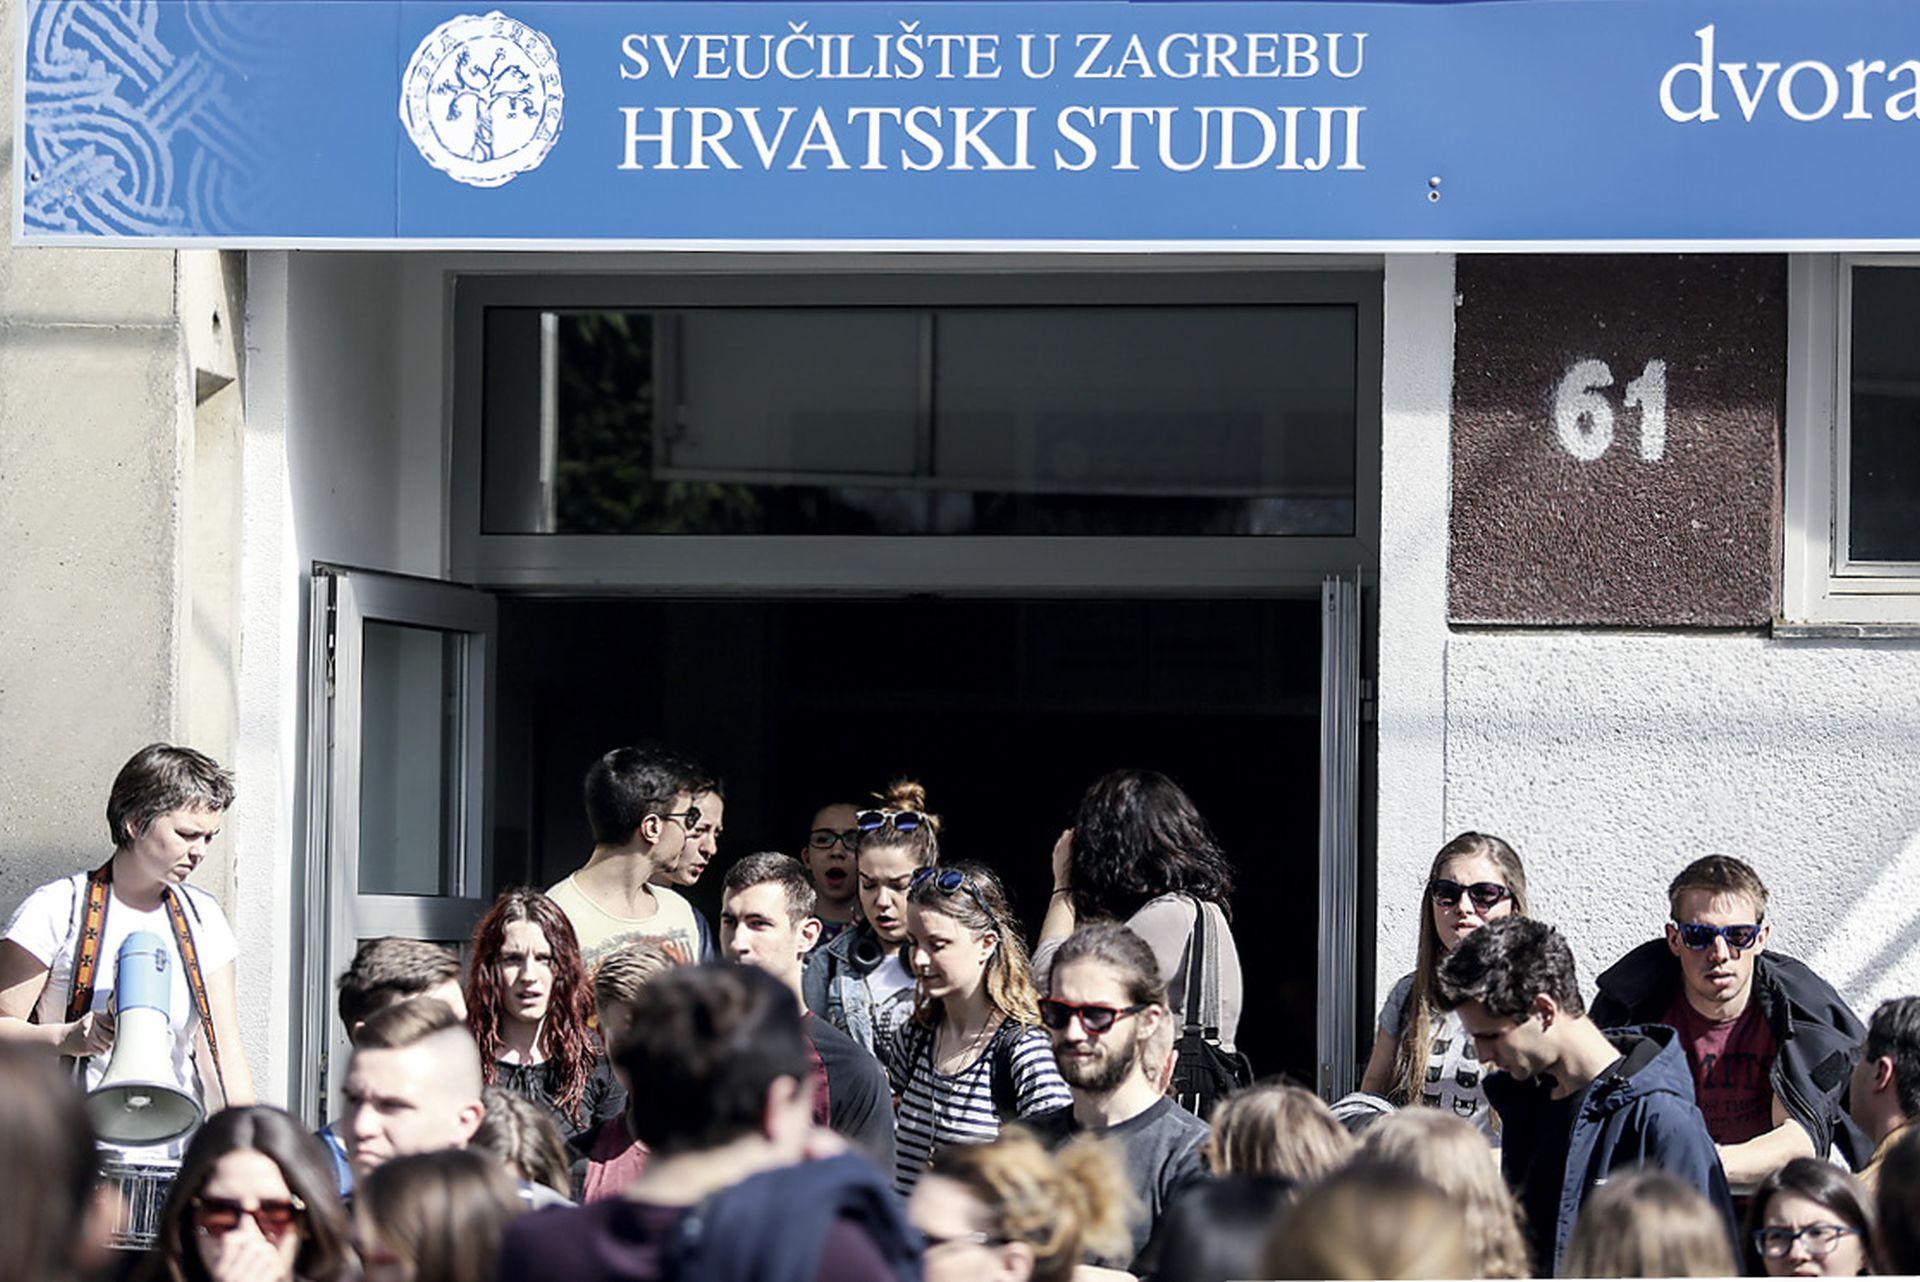 Borasa prozivaju da nakon ukidanja autonomije želi ugasiti Hrvatske studije